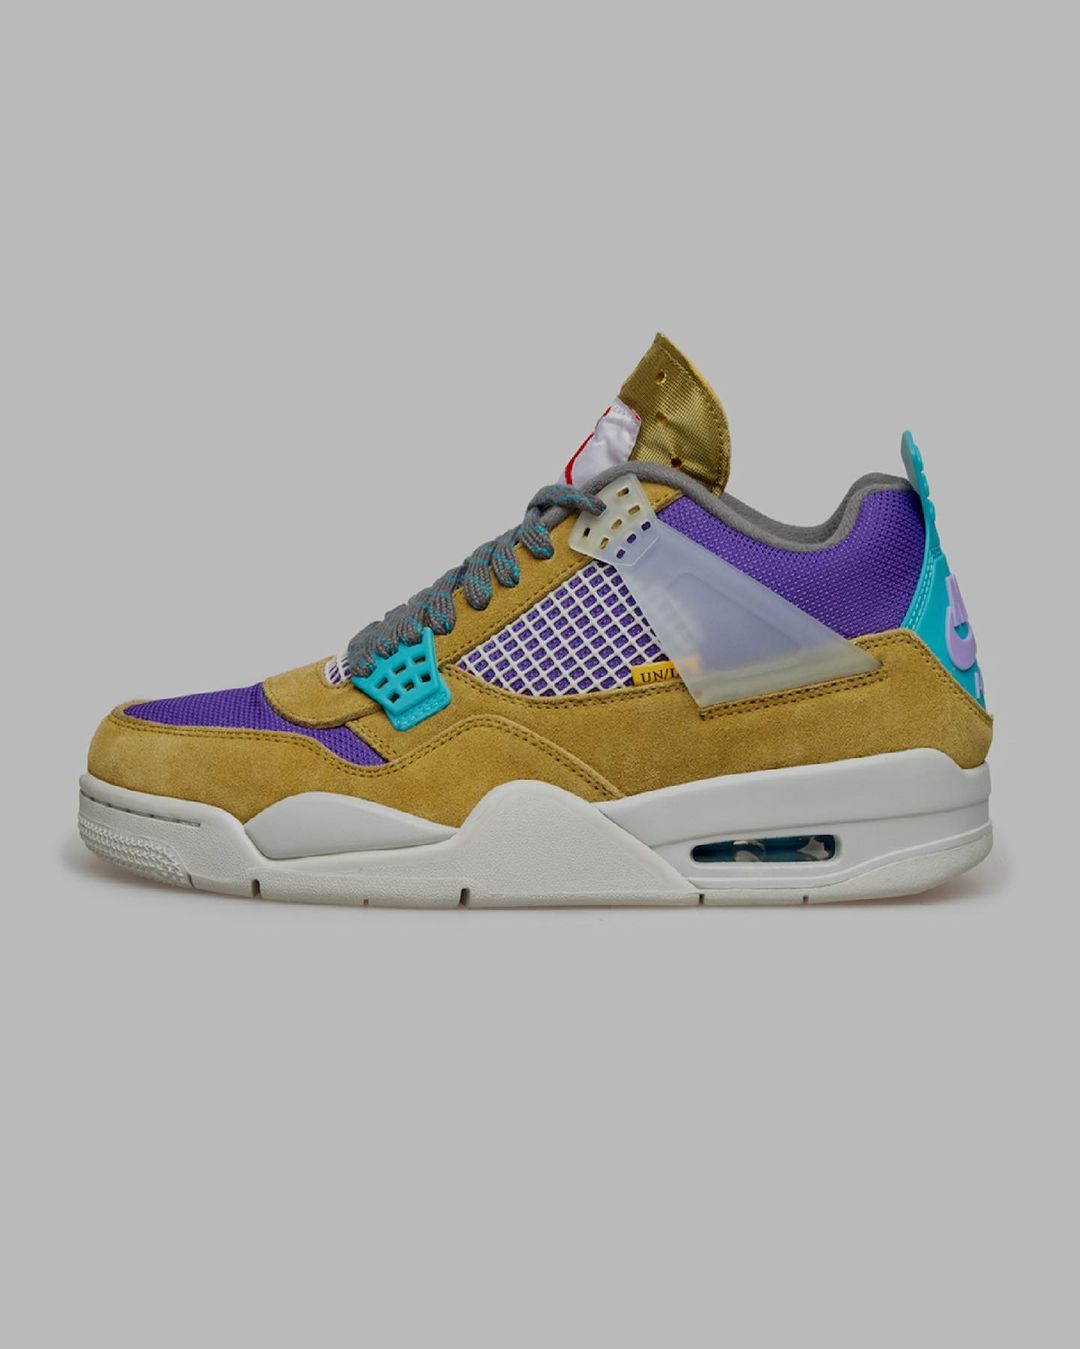 Nike,Air Jordan 4,AJ4,DJ5718-3  即将发售!两款全新 Union x AJ4 官图曝光!